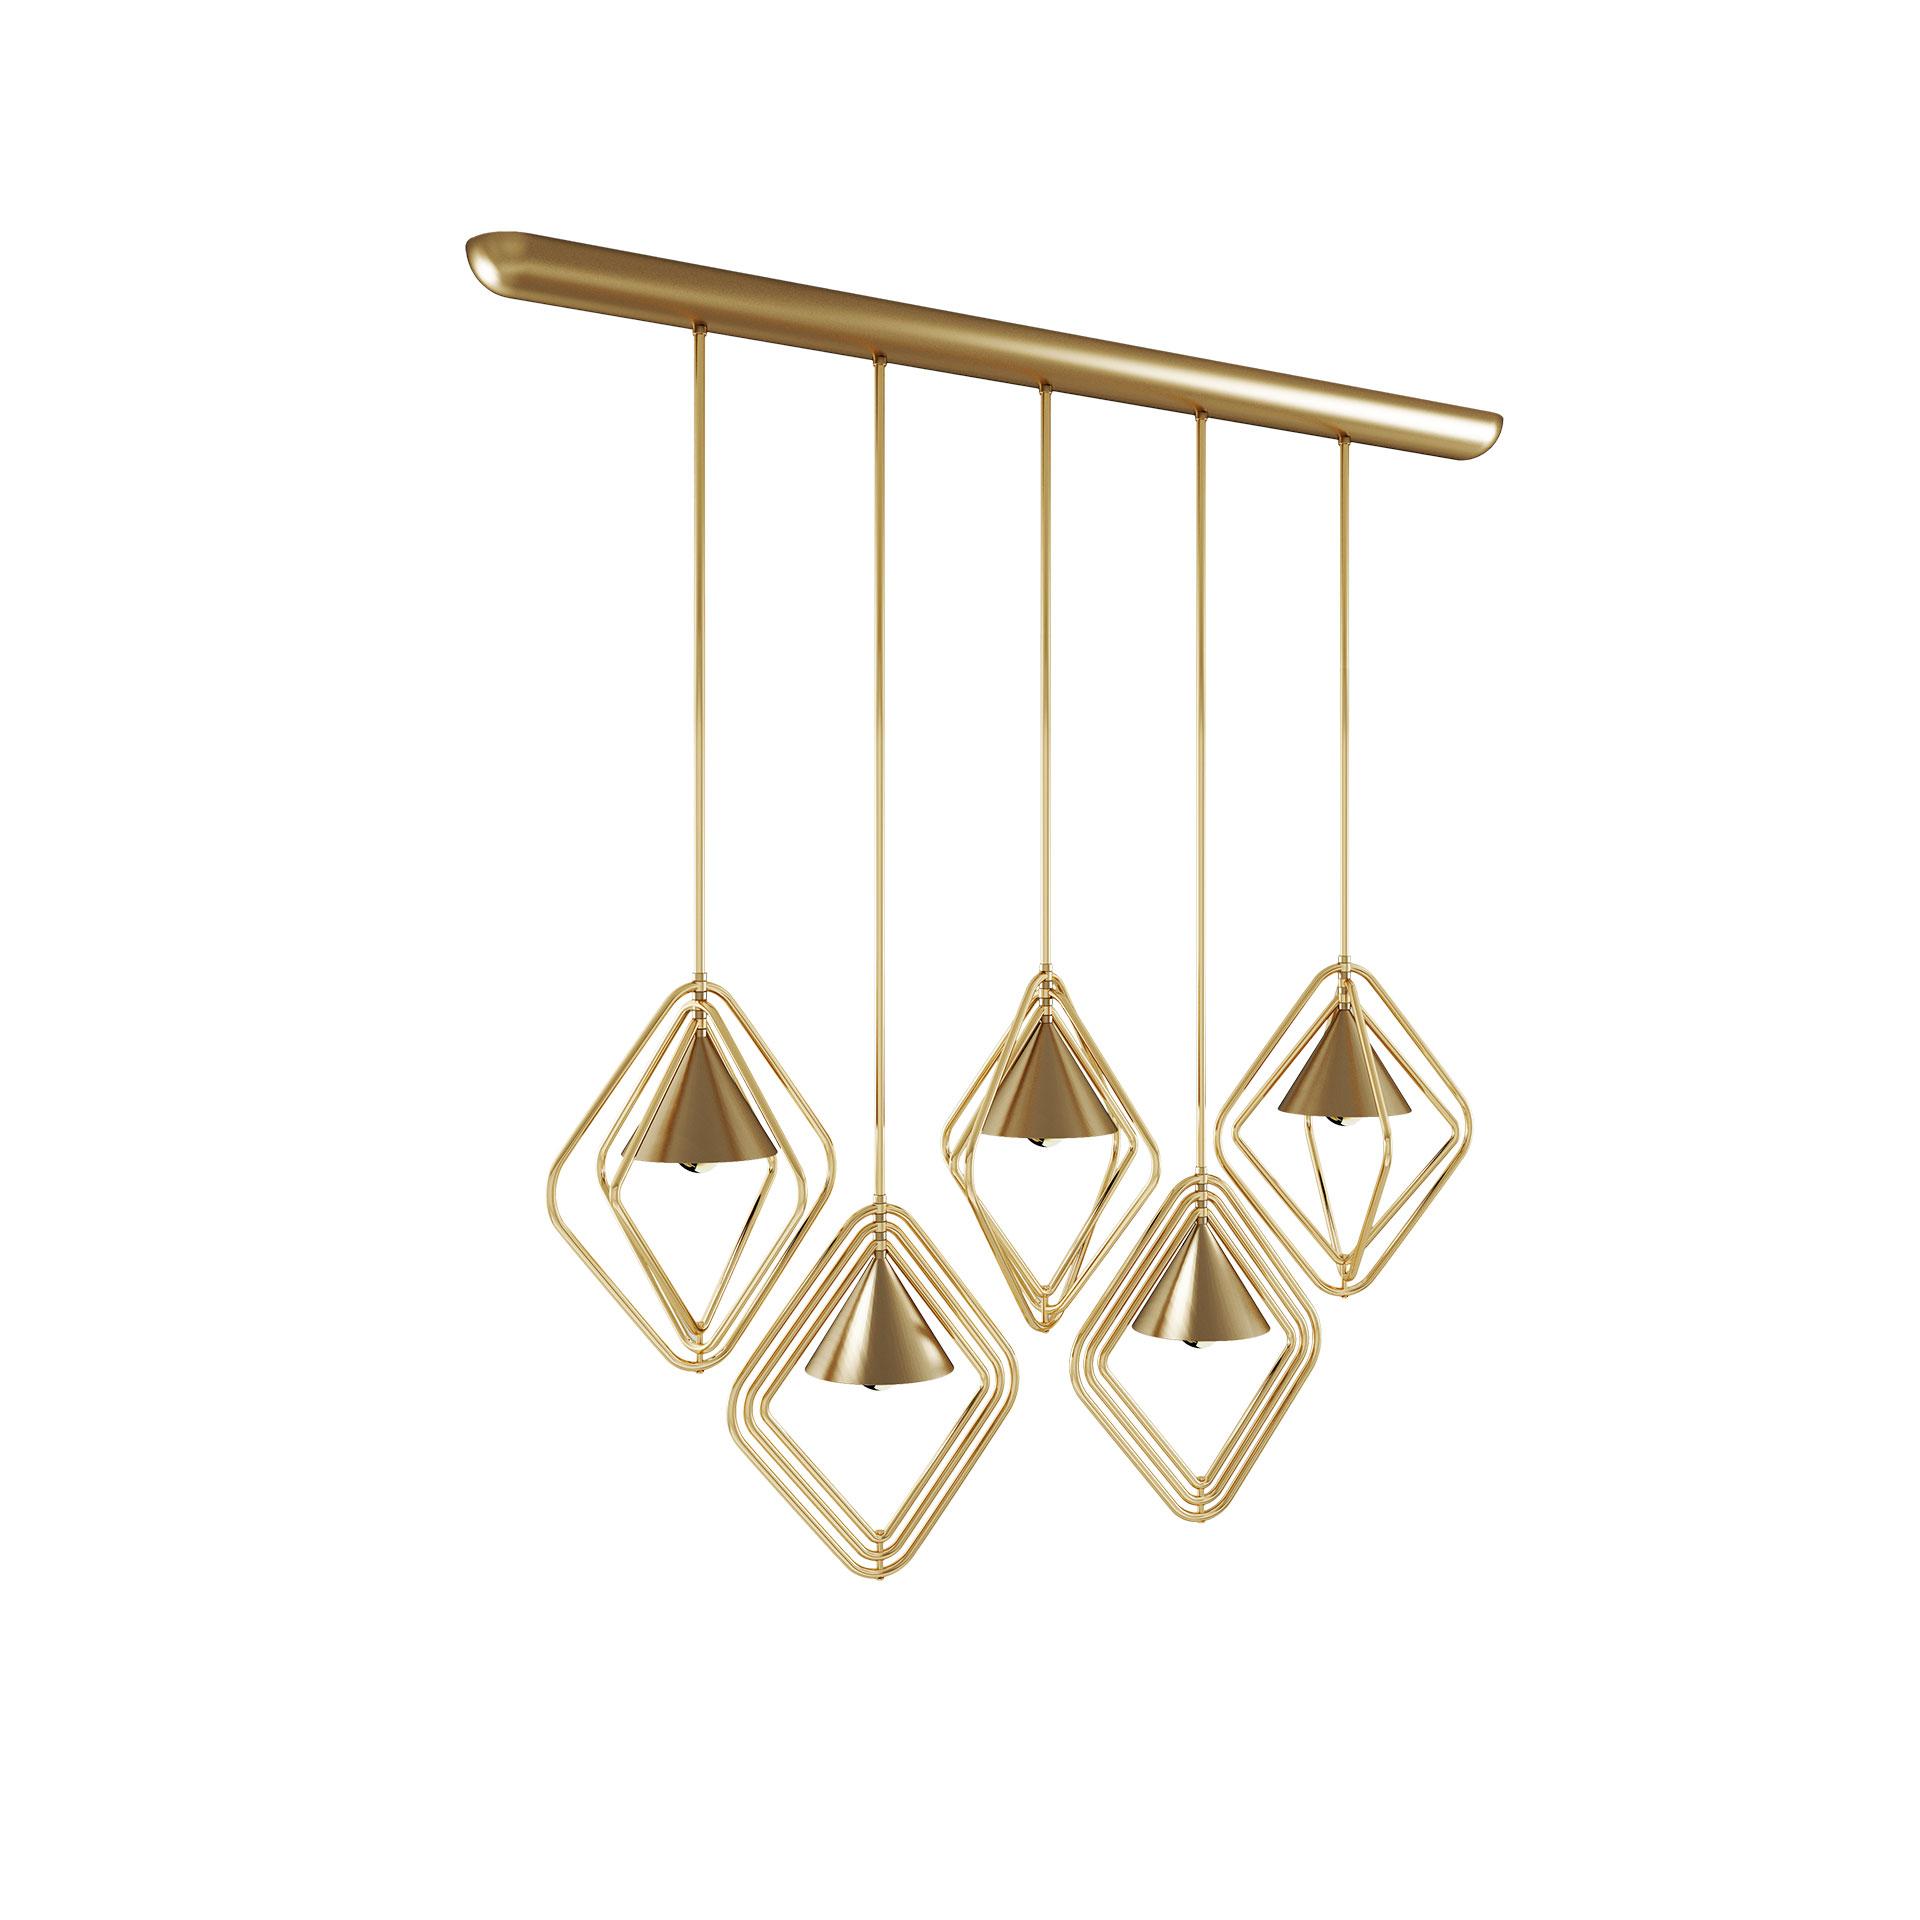 Portman Suspension Lamp